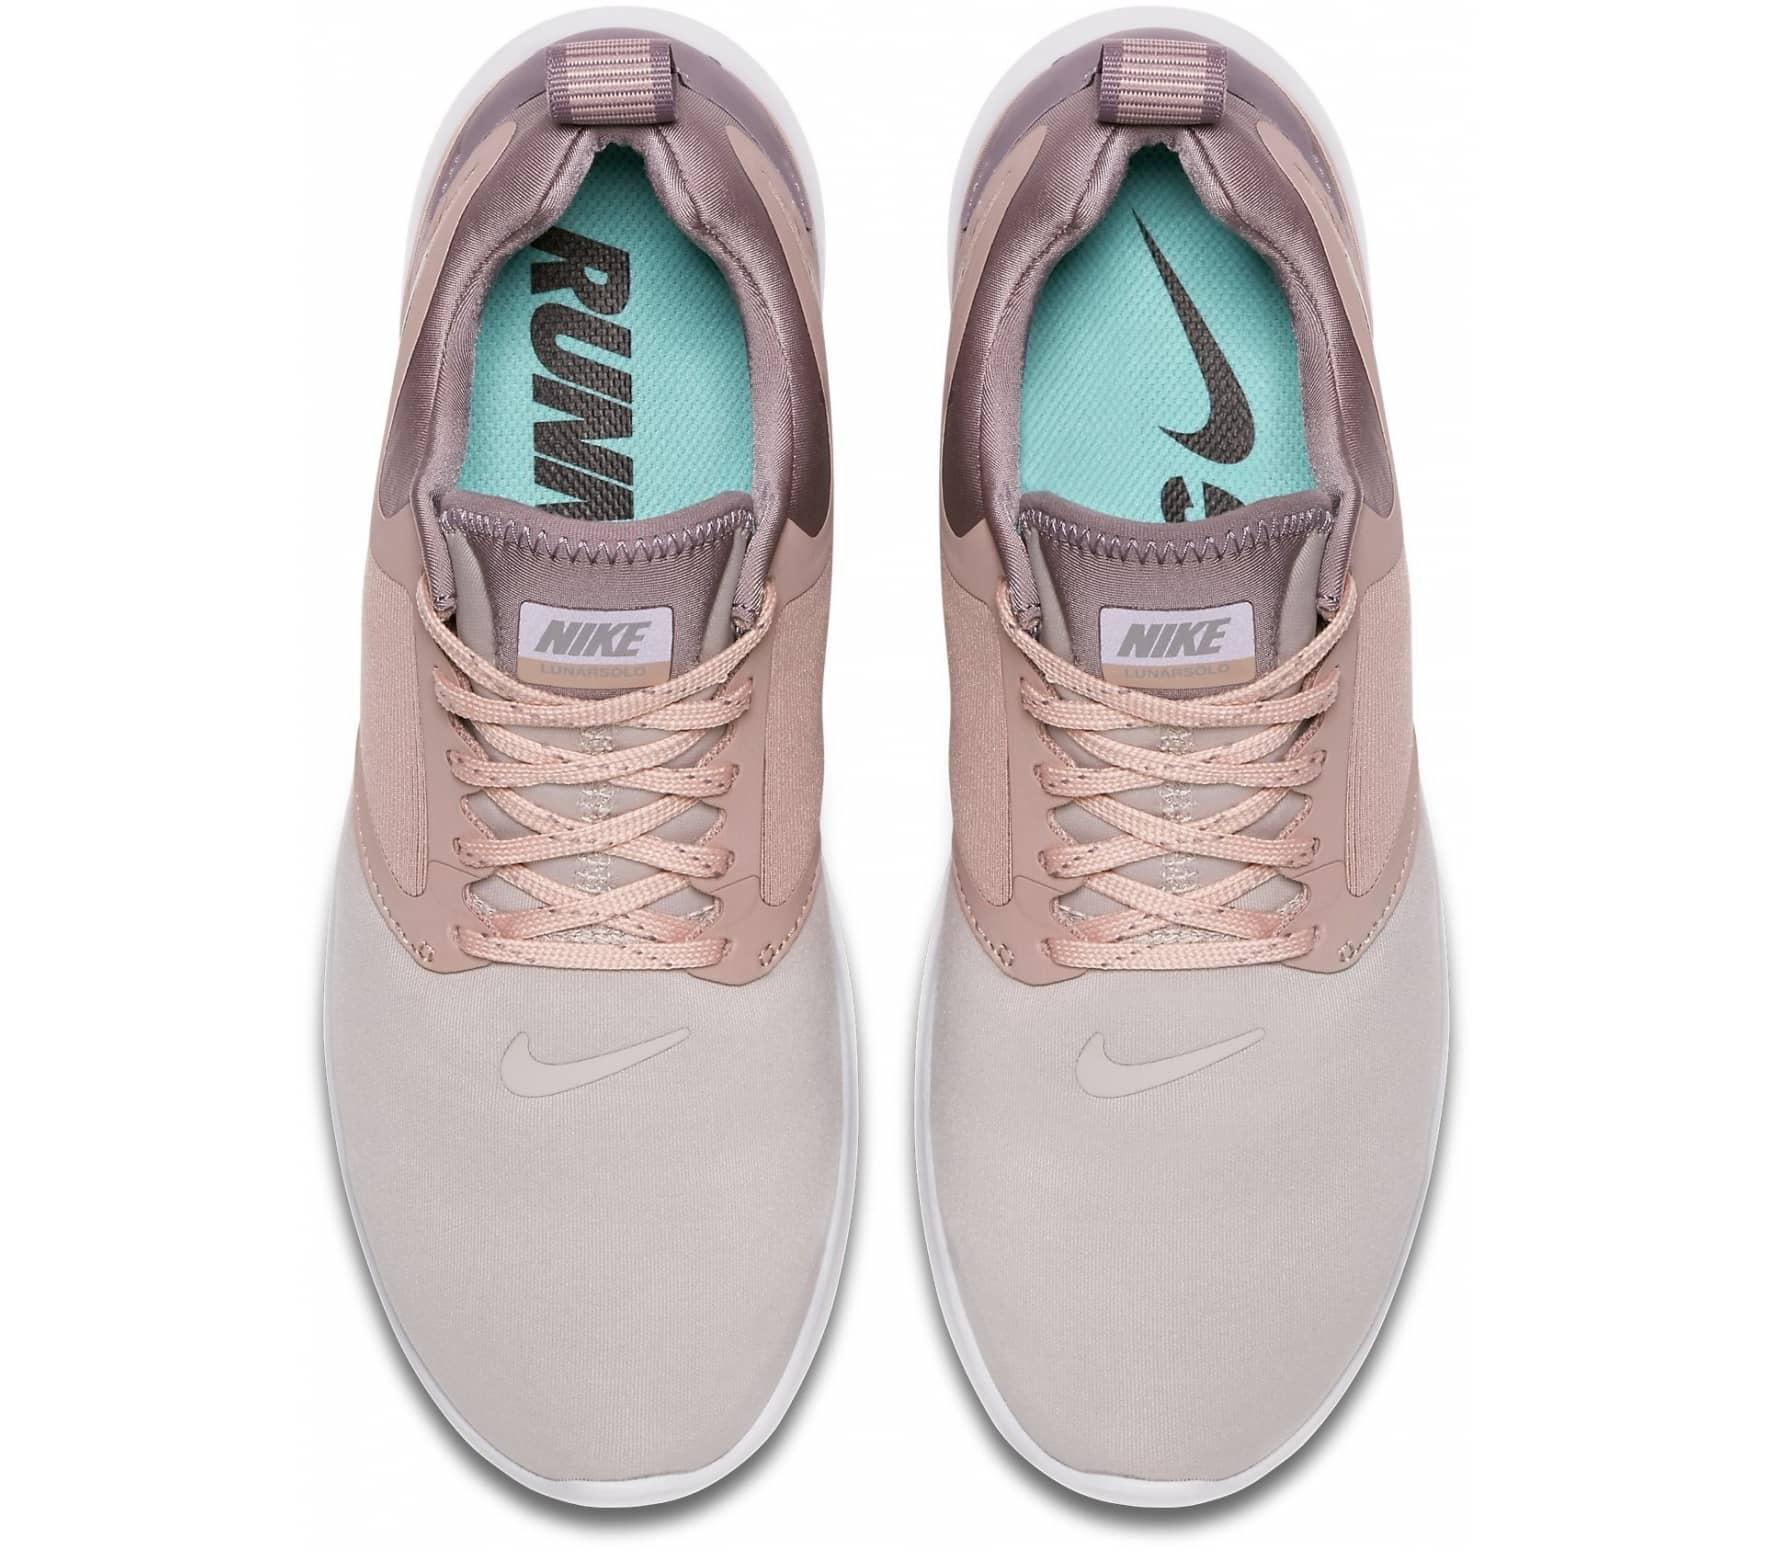 Nike - LunarSolo zapatillas de running para mujer (rosa/marrón topo)